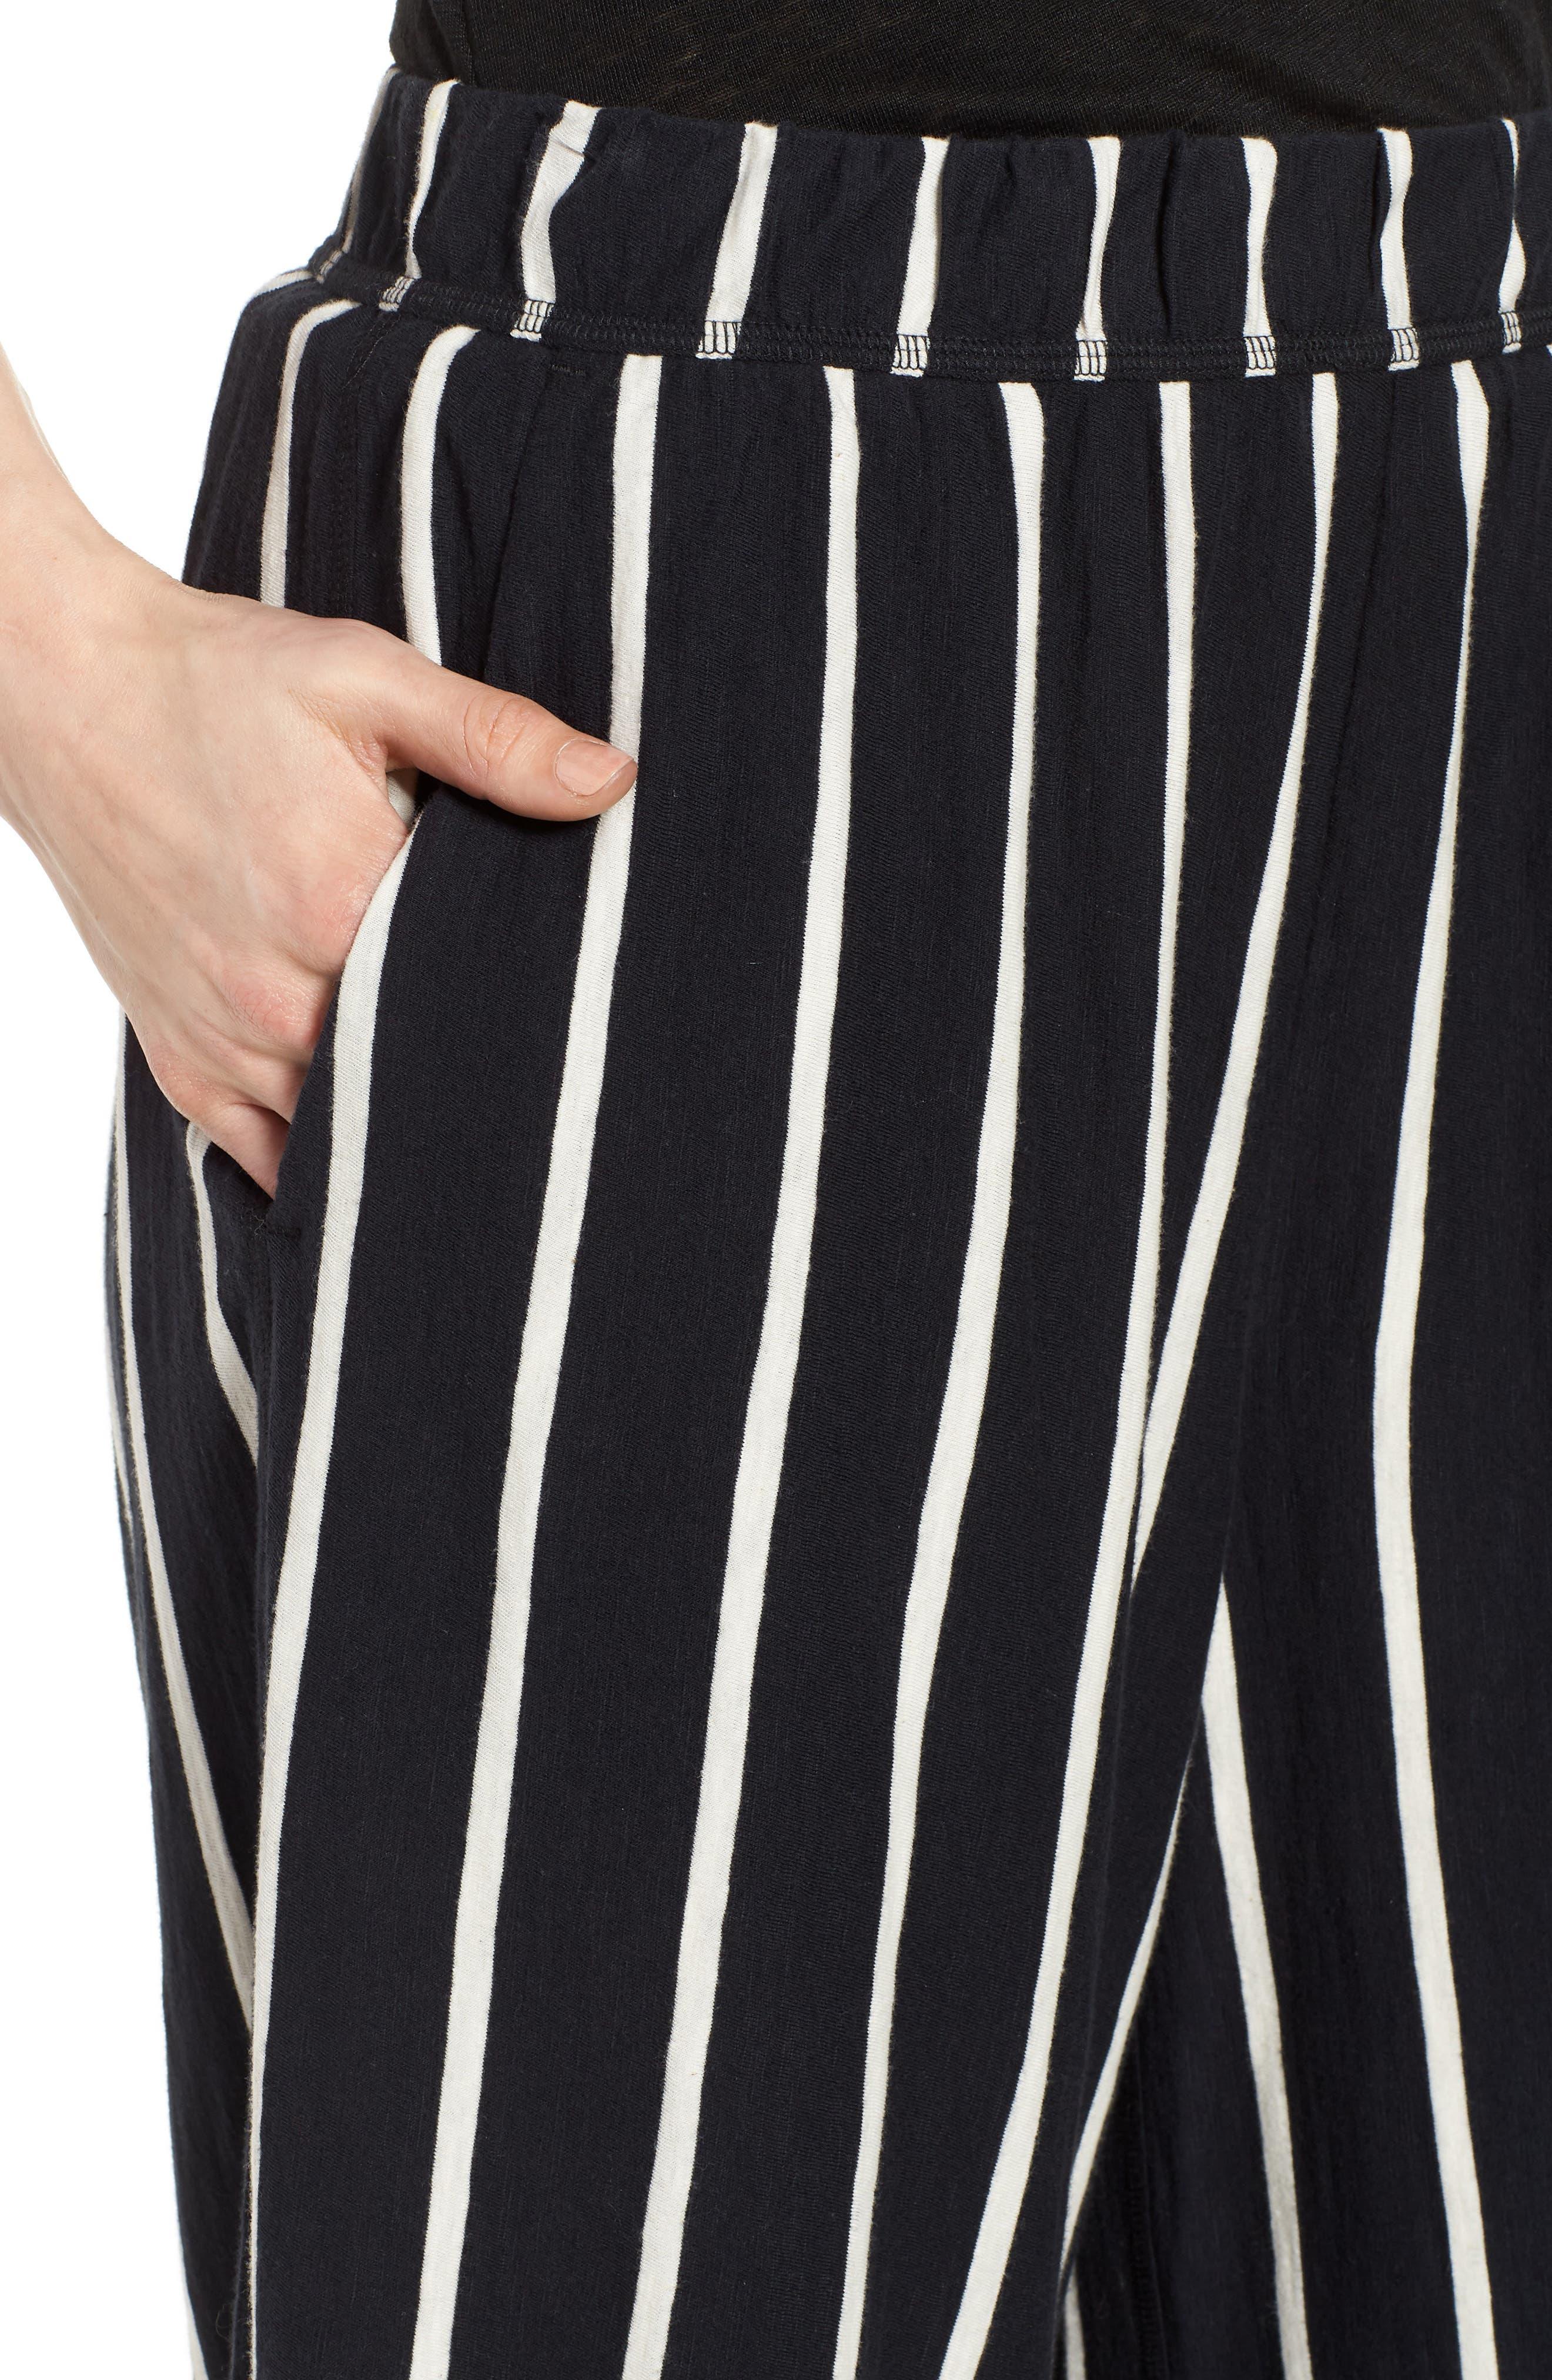 Stripe Organic Cotton Capri Pants,                             Alternate thumbnail 4, color,                             Black/ White